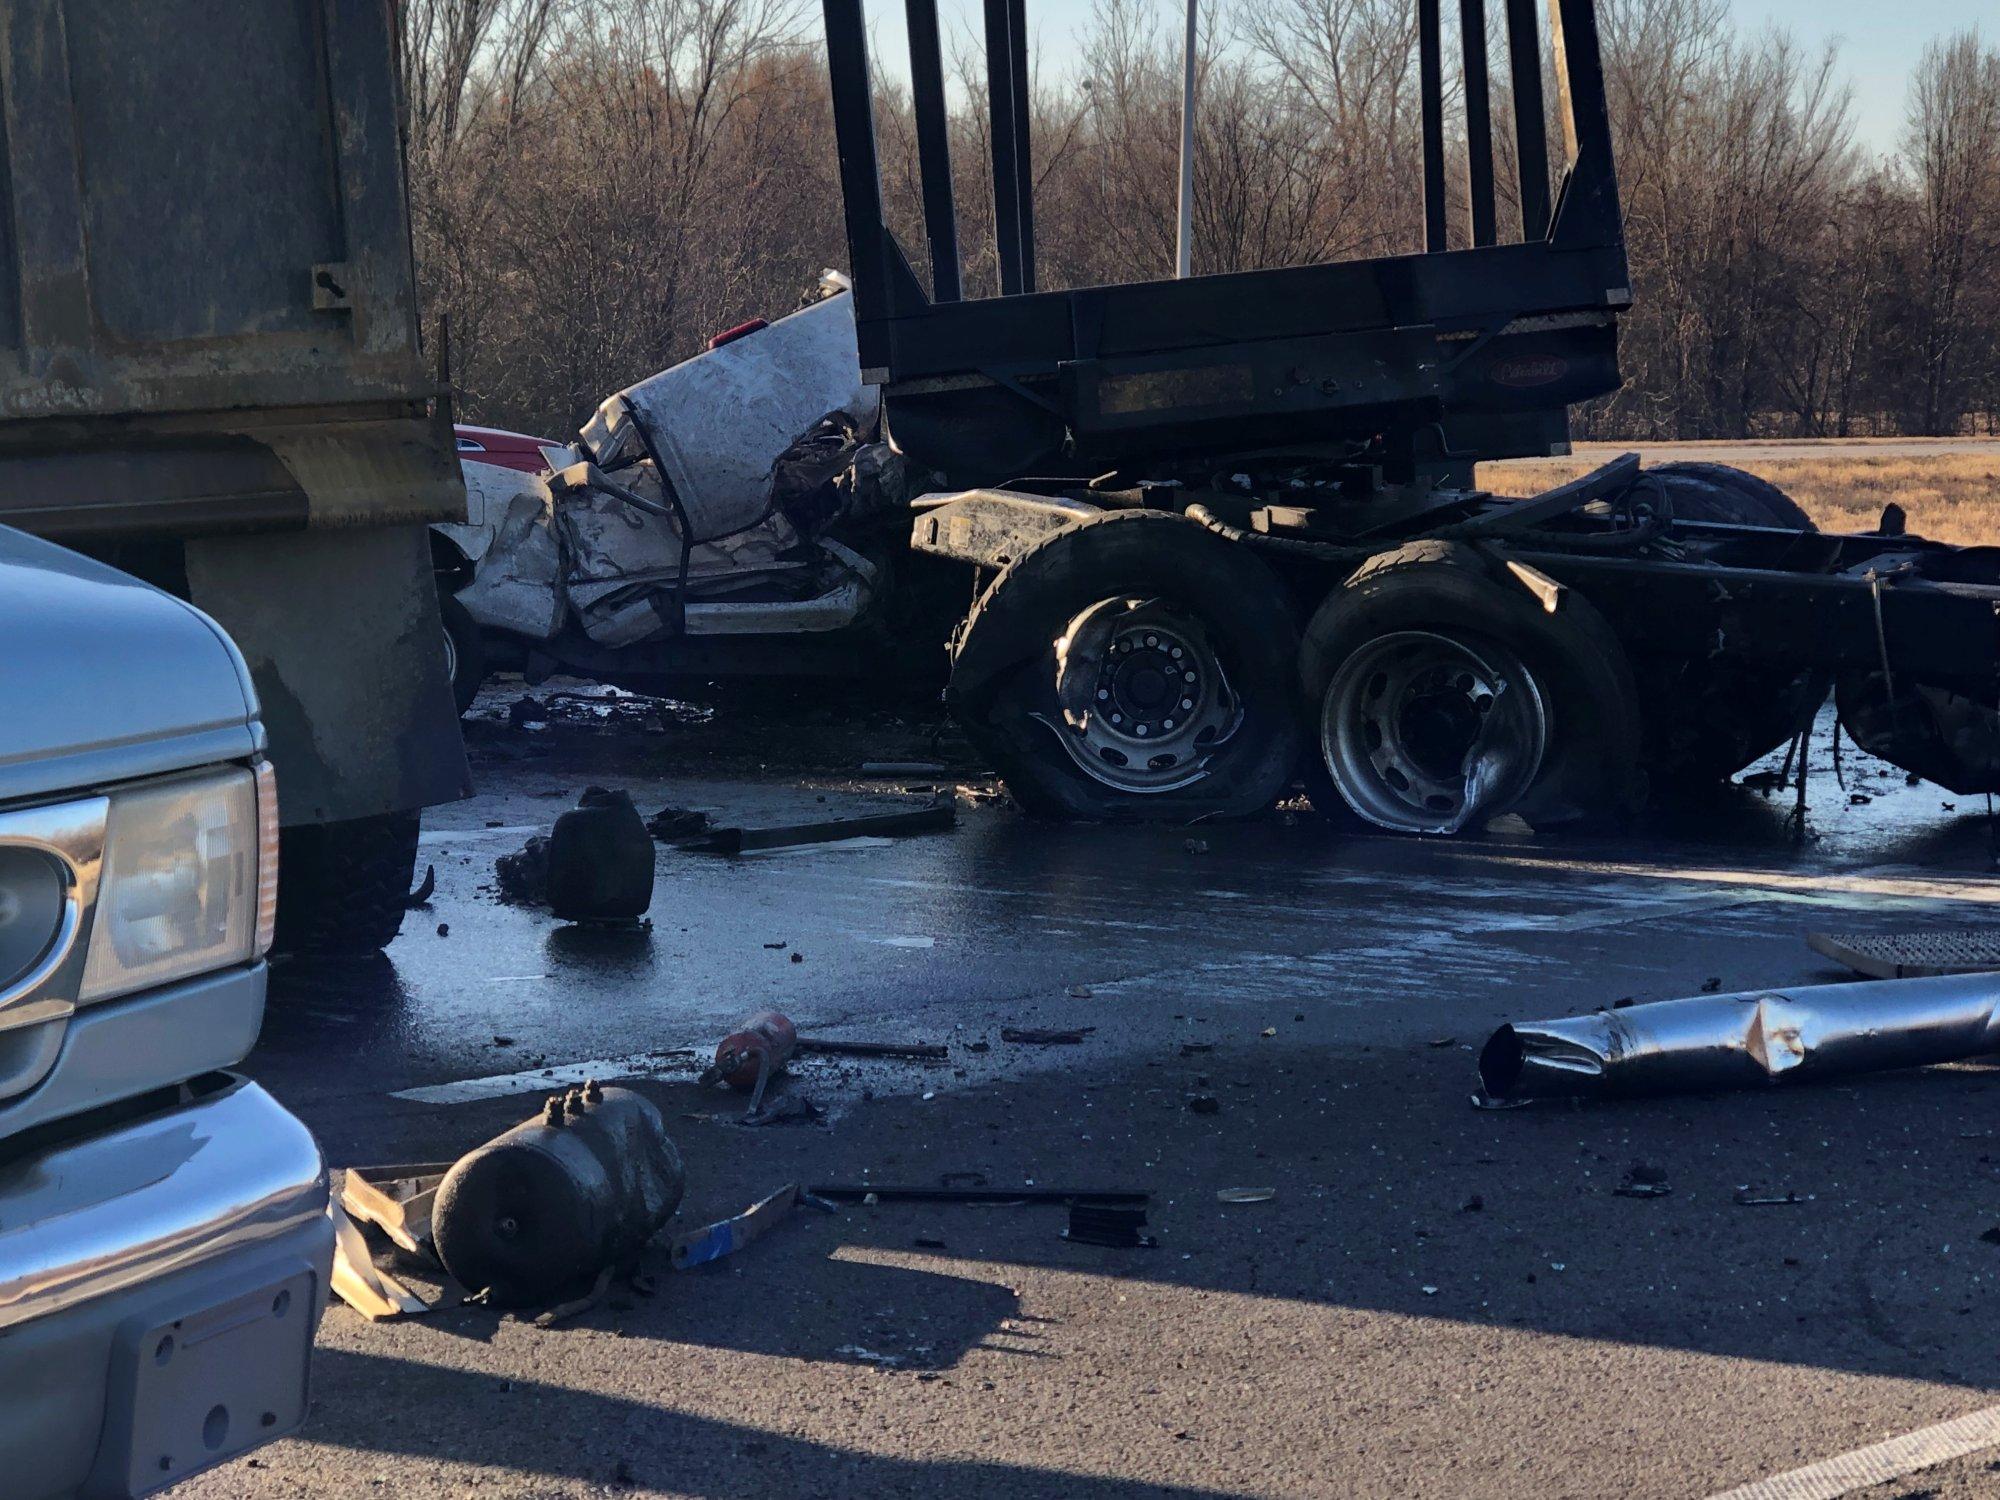 Victims Identified In Deadly I-540 Crash In Van Buren | Fort